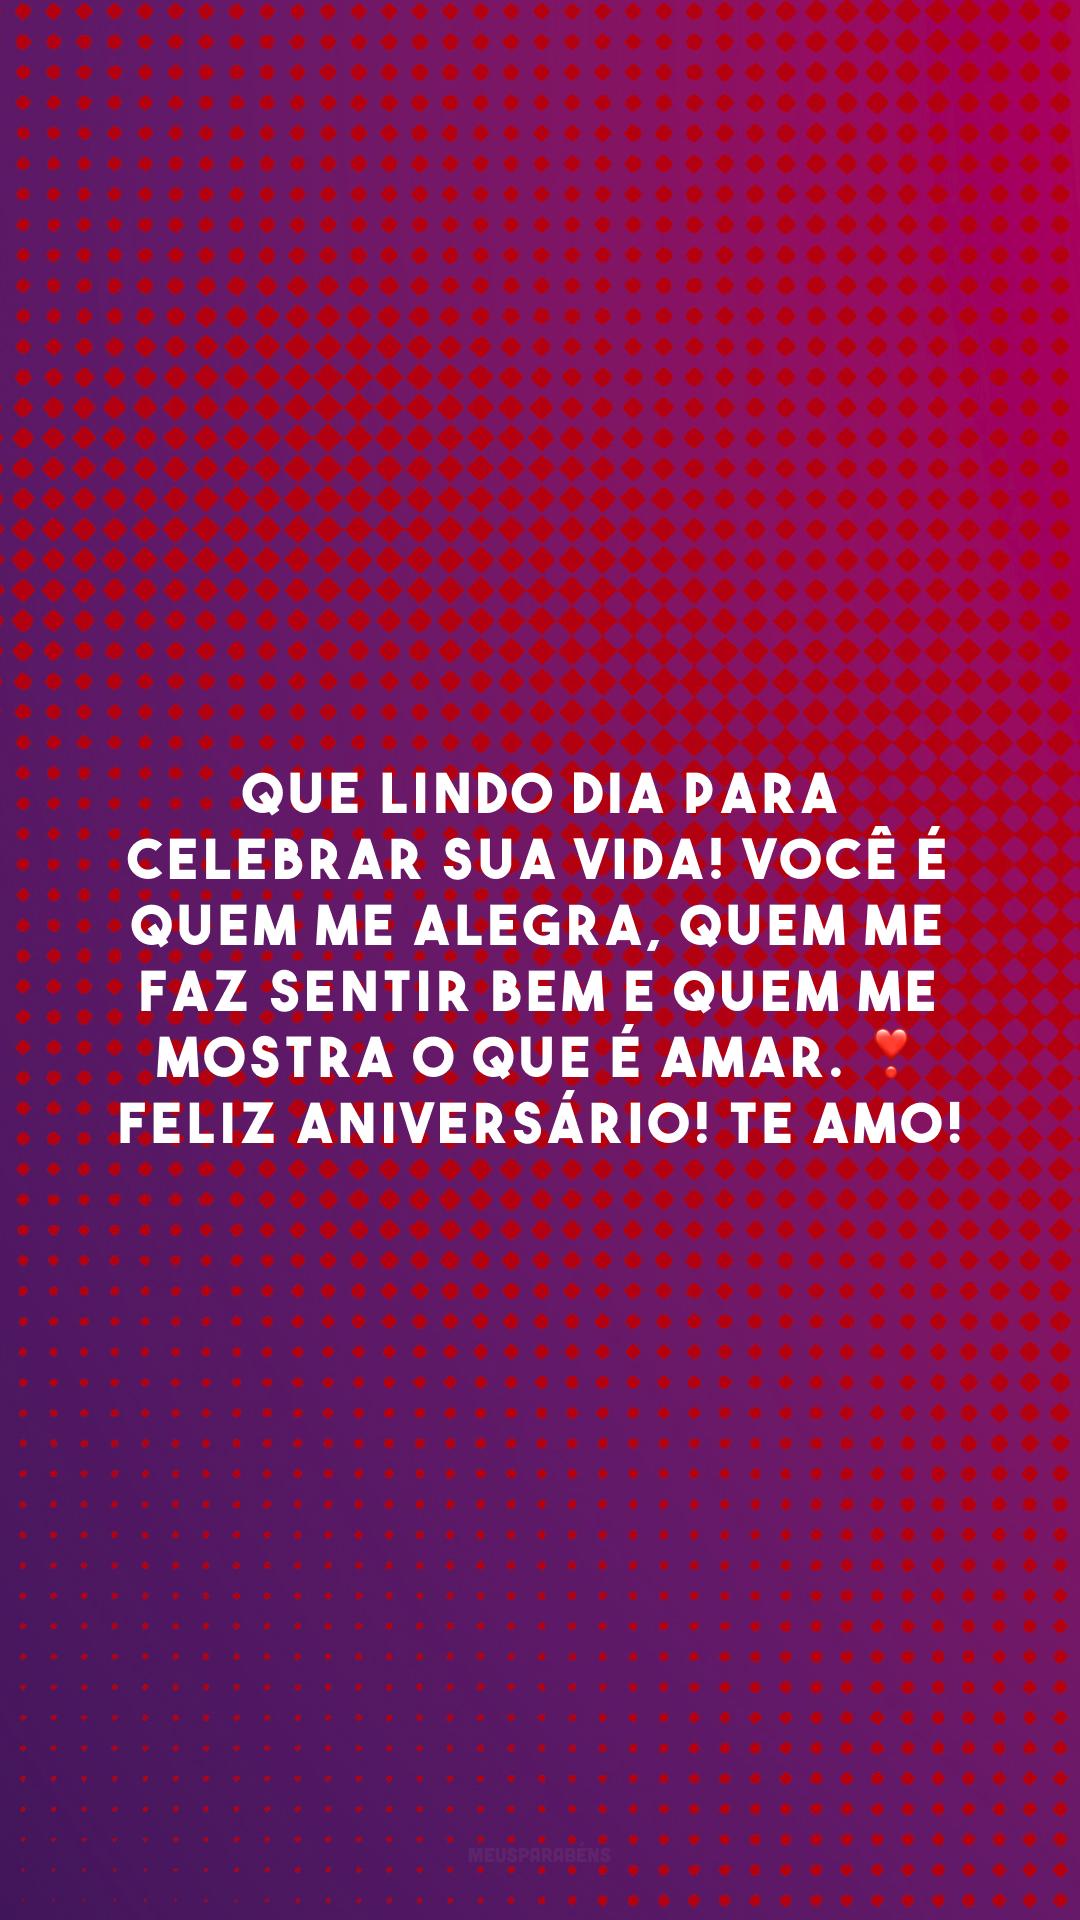 Que lindo dia para celebrar sua vida! Você é quem me alegra, quem me faz sentir bem e quem me mostra o que é amar. ❣️ Feliz aniversário! Te amo!